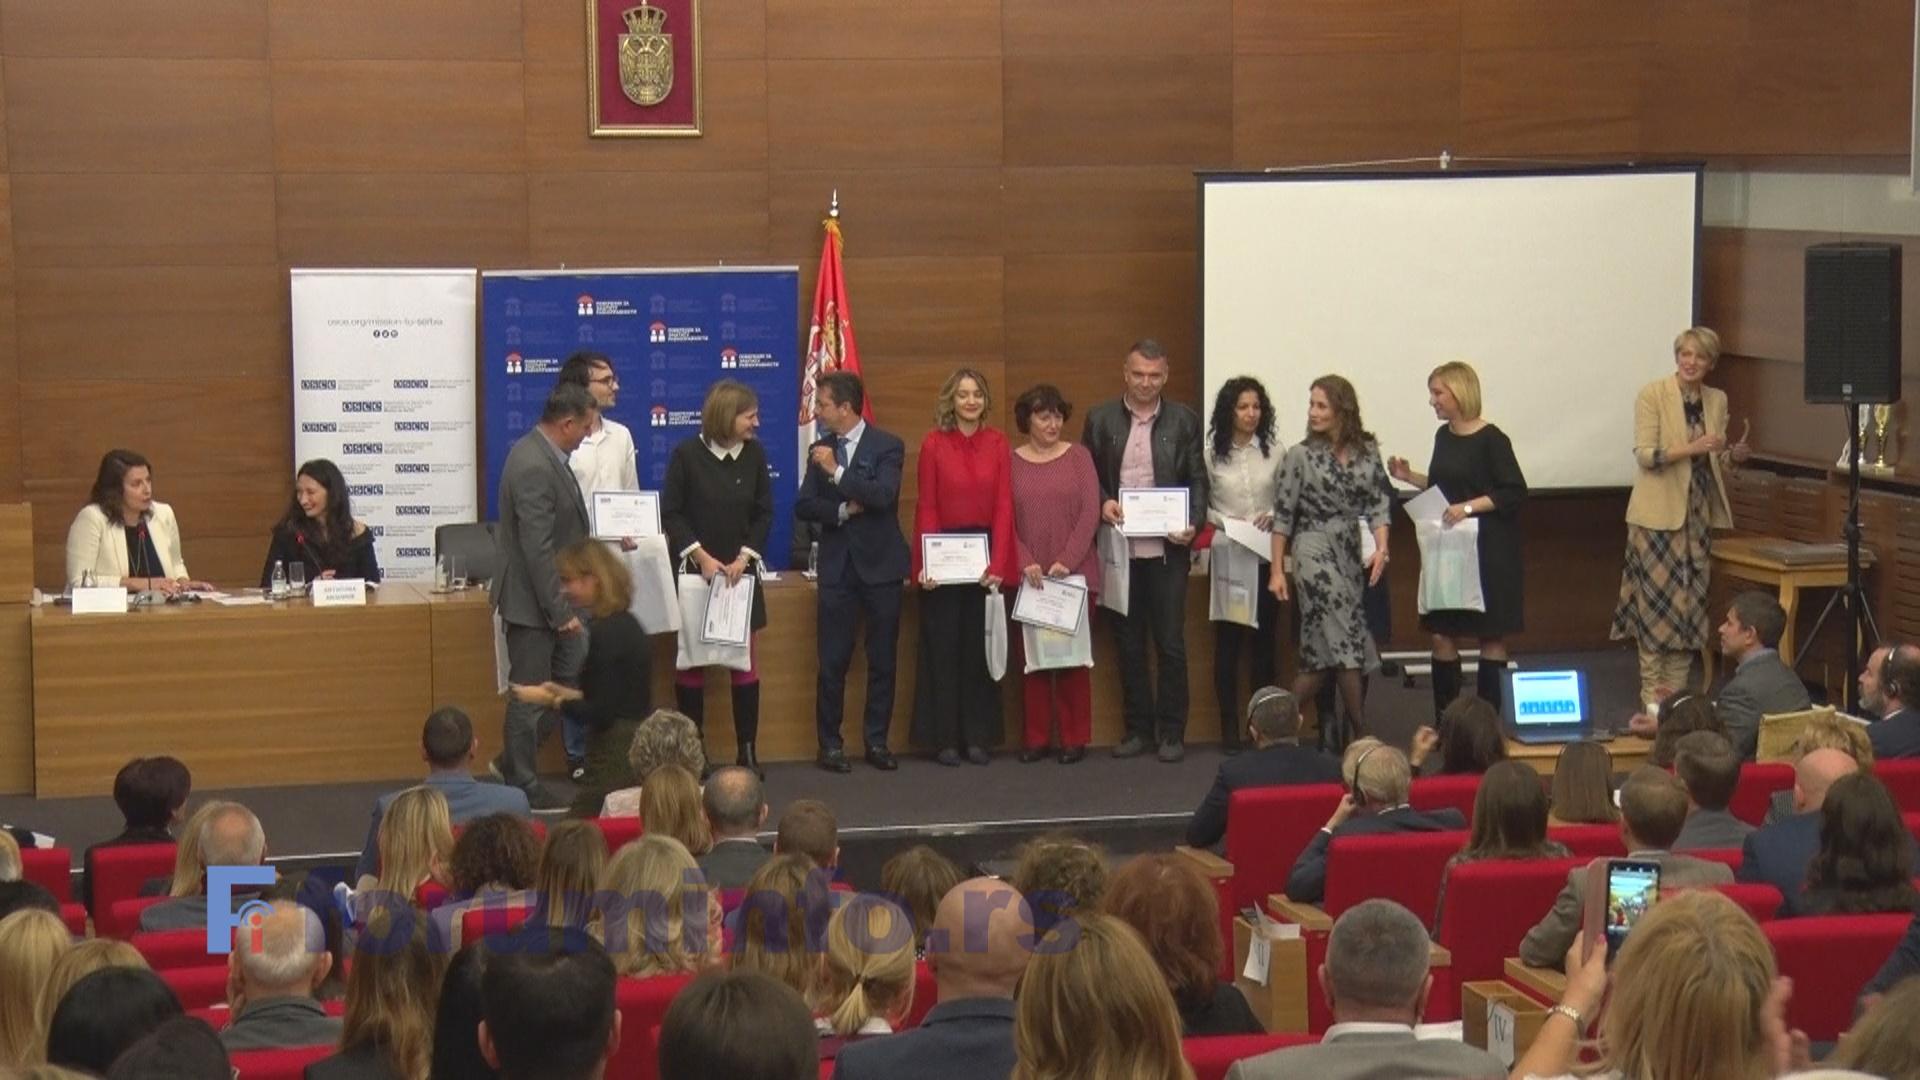 Eкипа ђака из Пријепоља и Прибоја обезбедила учешће на Европском првенству у роботици